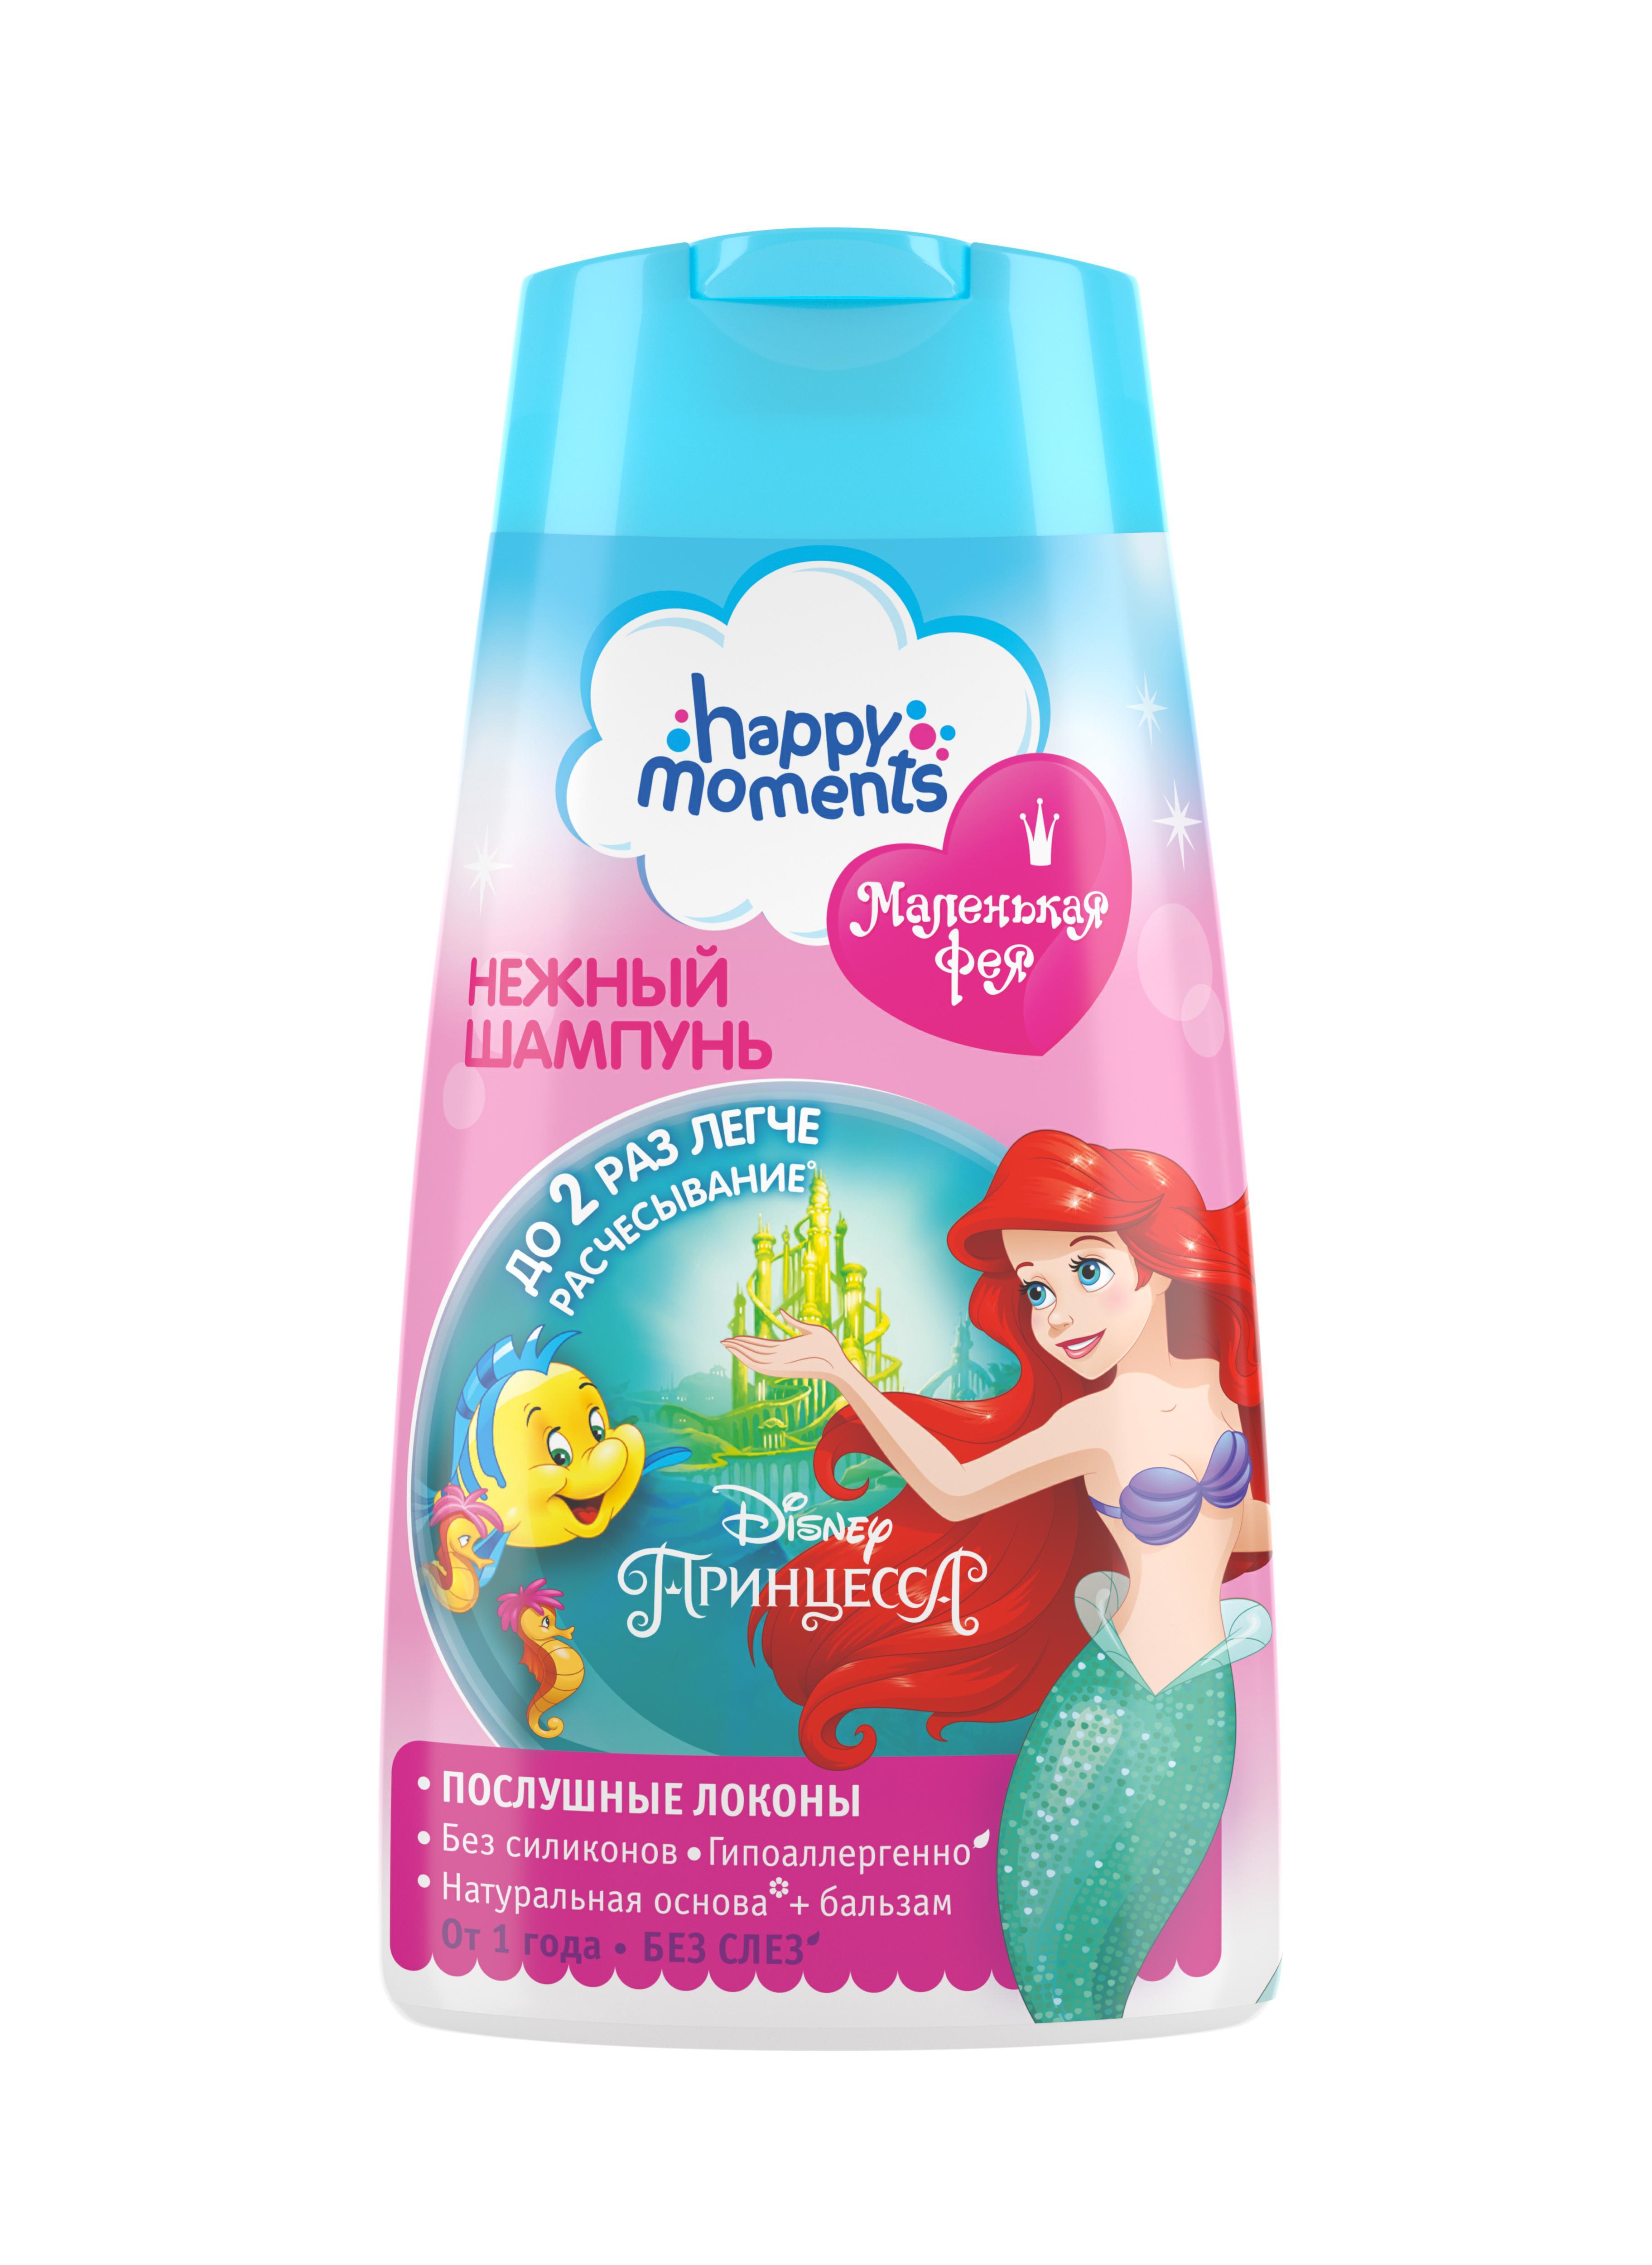 Купить Шампунь Маленькая Фея Happy Moments Послушные локоны , 240 мл, Детские шампуни